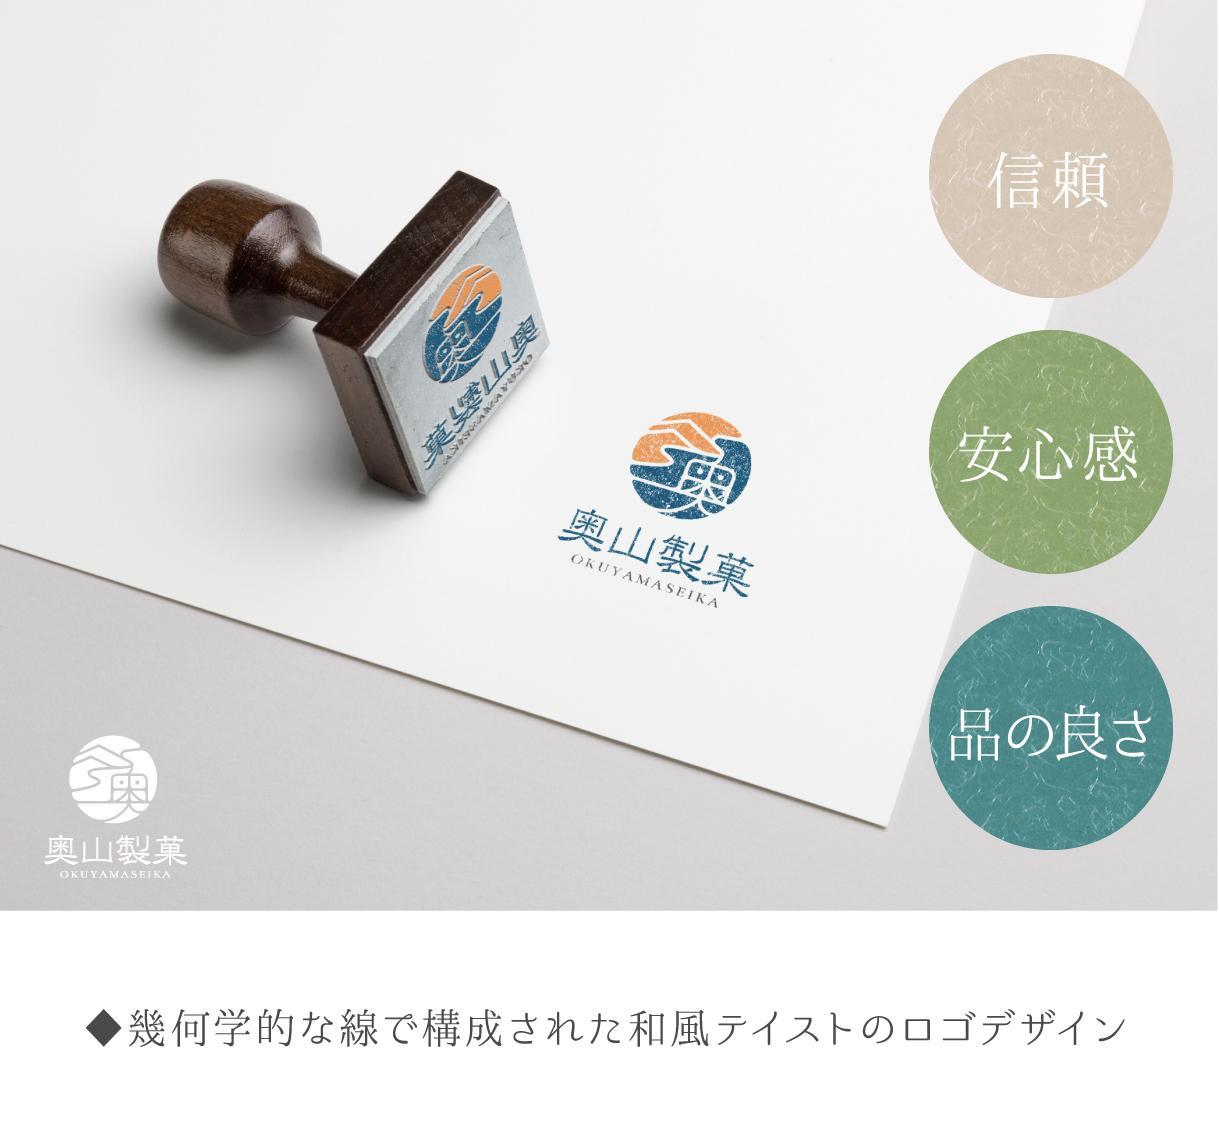 Q【和風・モダンテイスト】素敵なロゴを制作します 和風・モダンなロゴデザインが欲しい方に心を込めて作ります